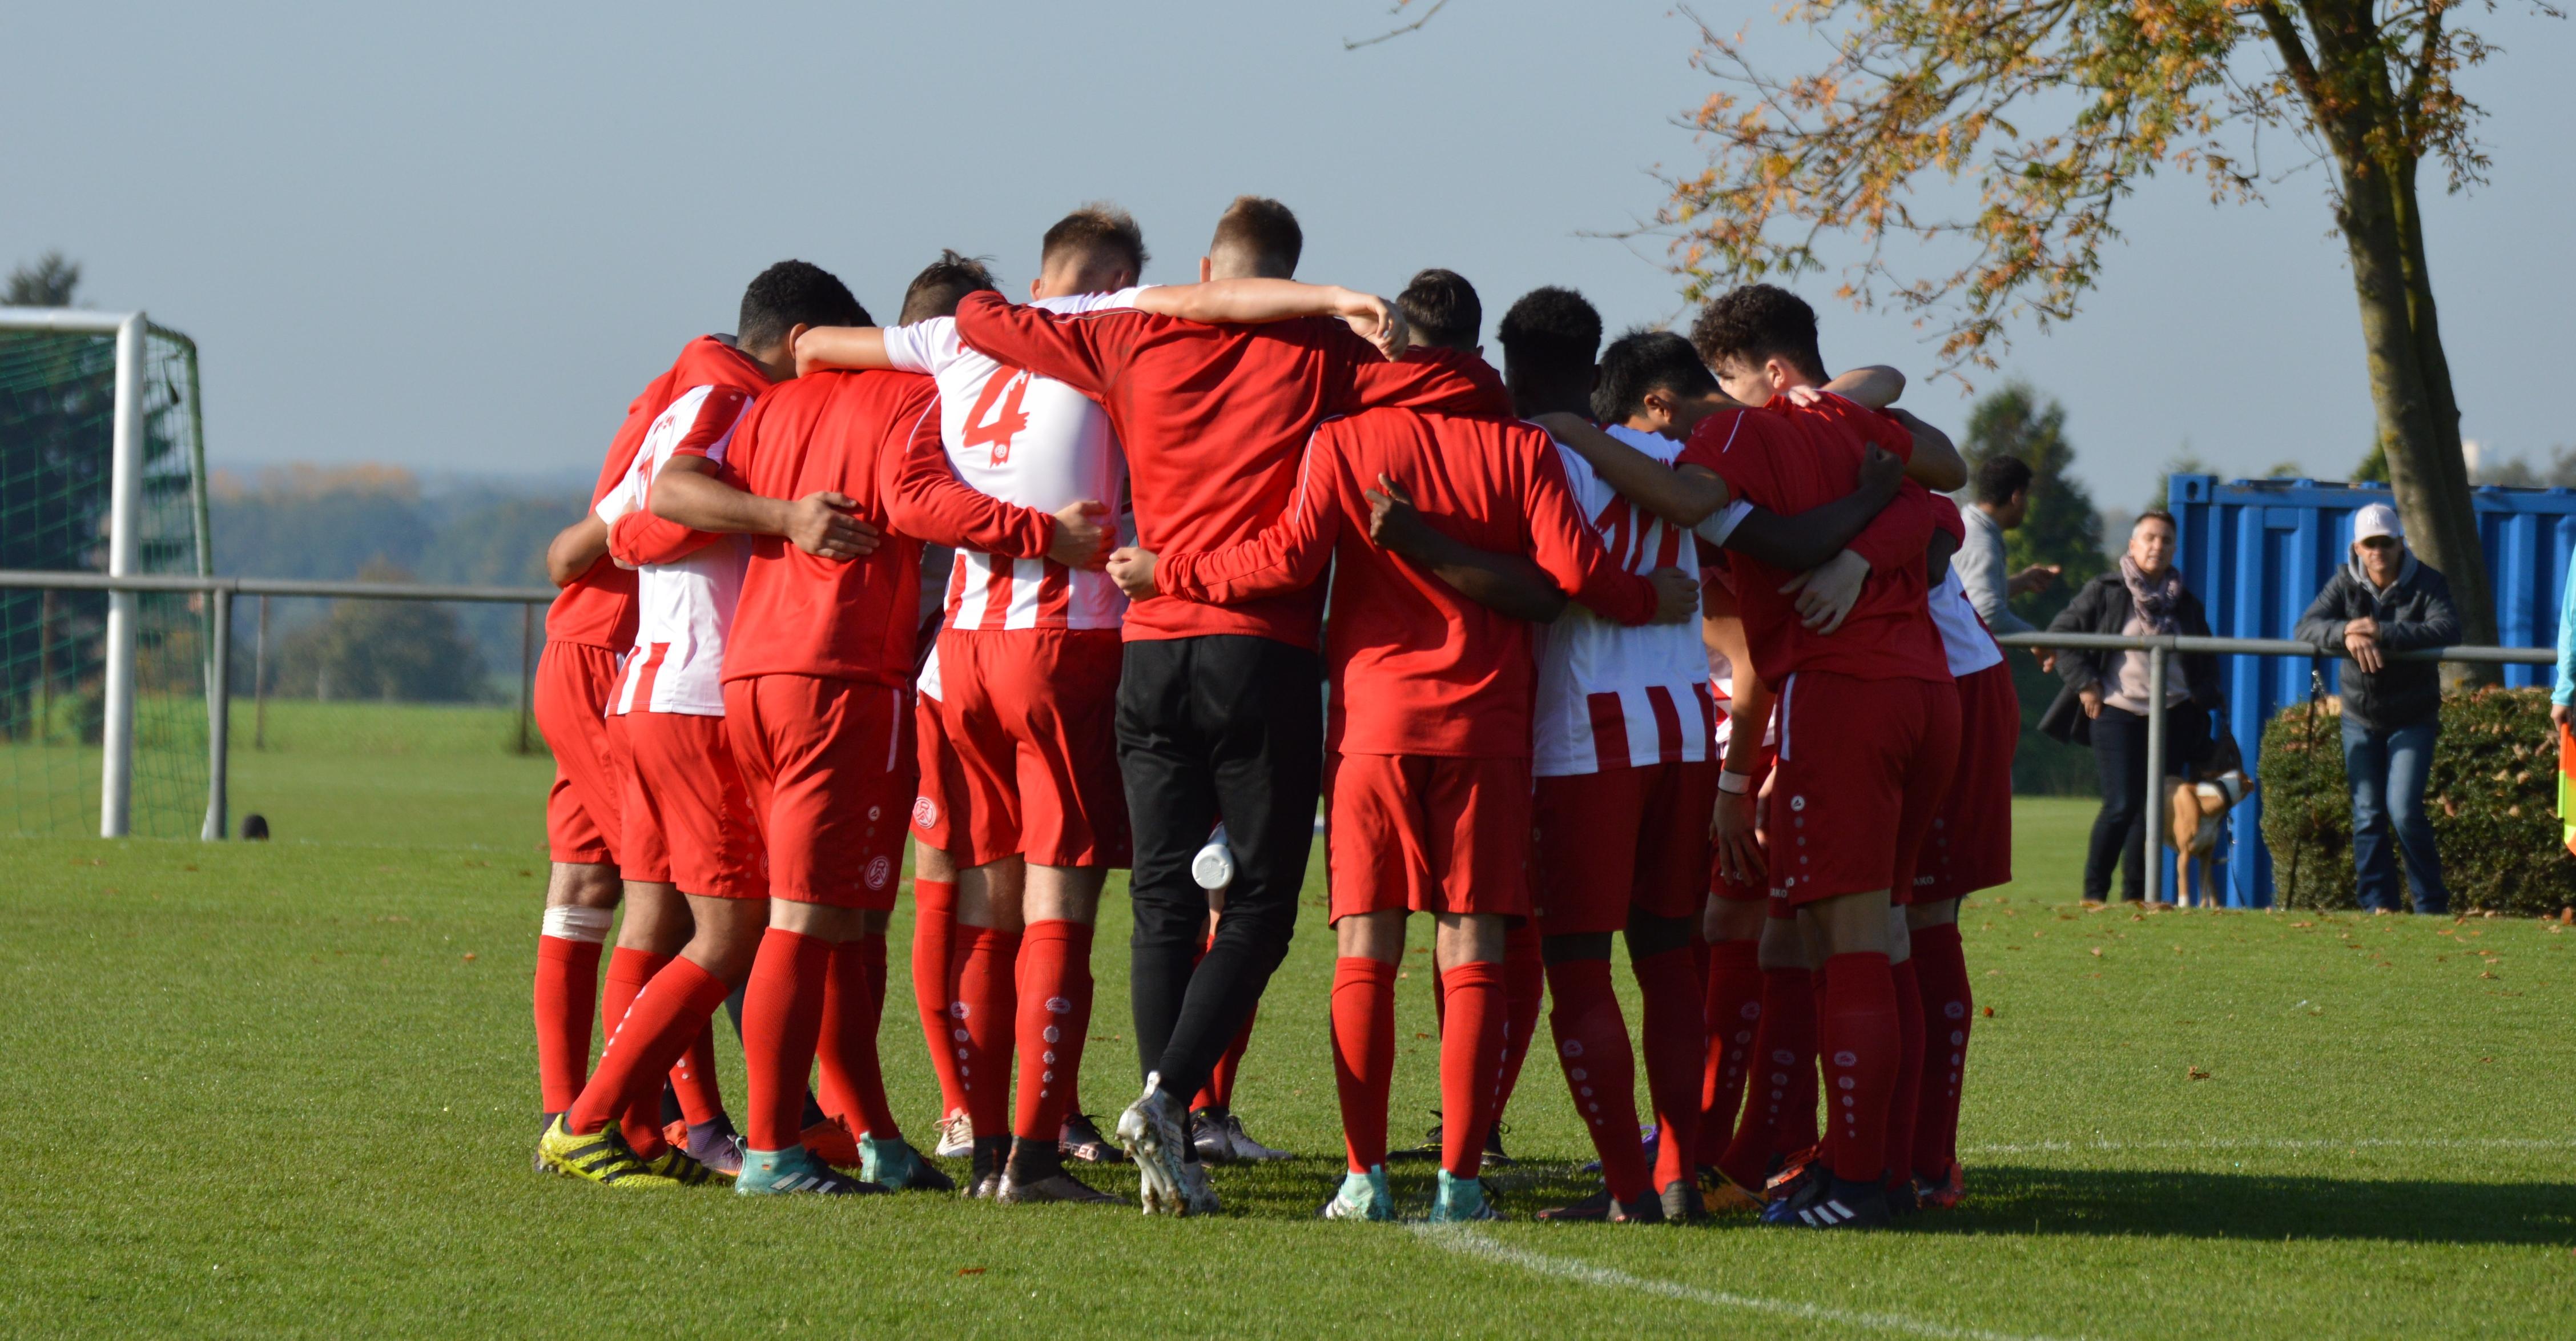 Nach dem 1:0 im Derby gegen den FC Kray steht die rot-weisse U19 an der Tabellenspitze der A-Junioren-Niederrheinliga. (Foto: Skuppin)